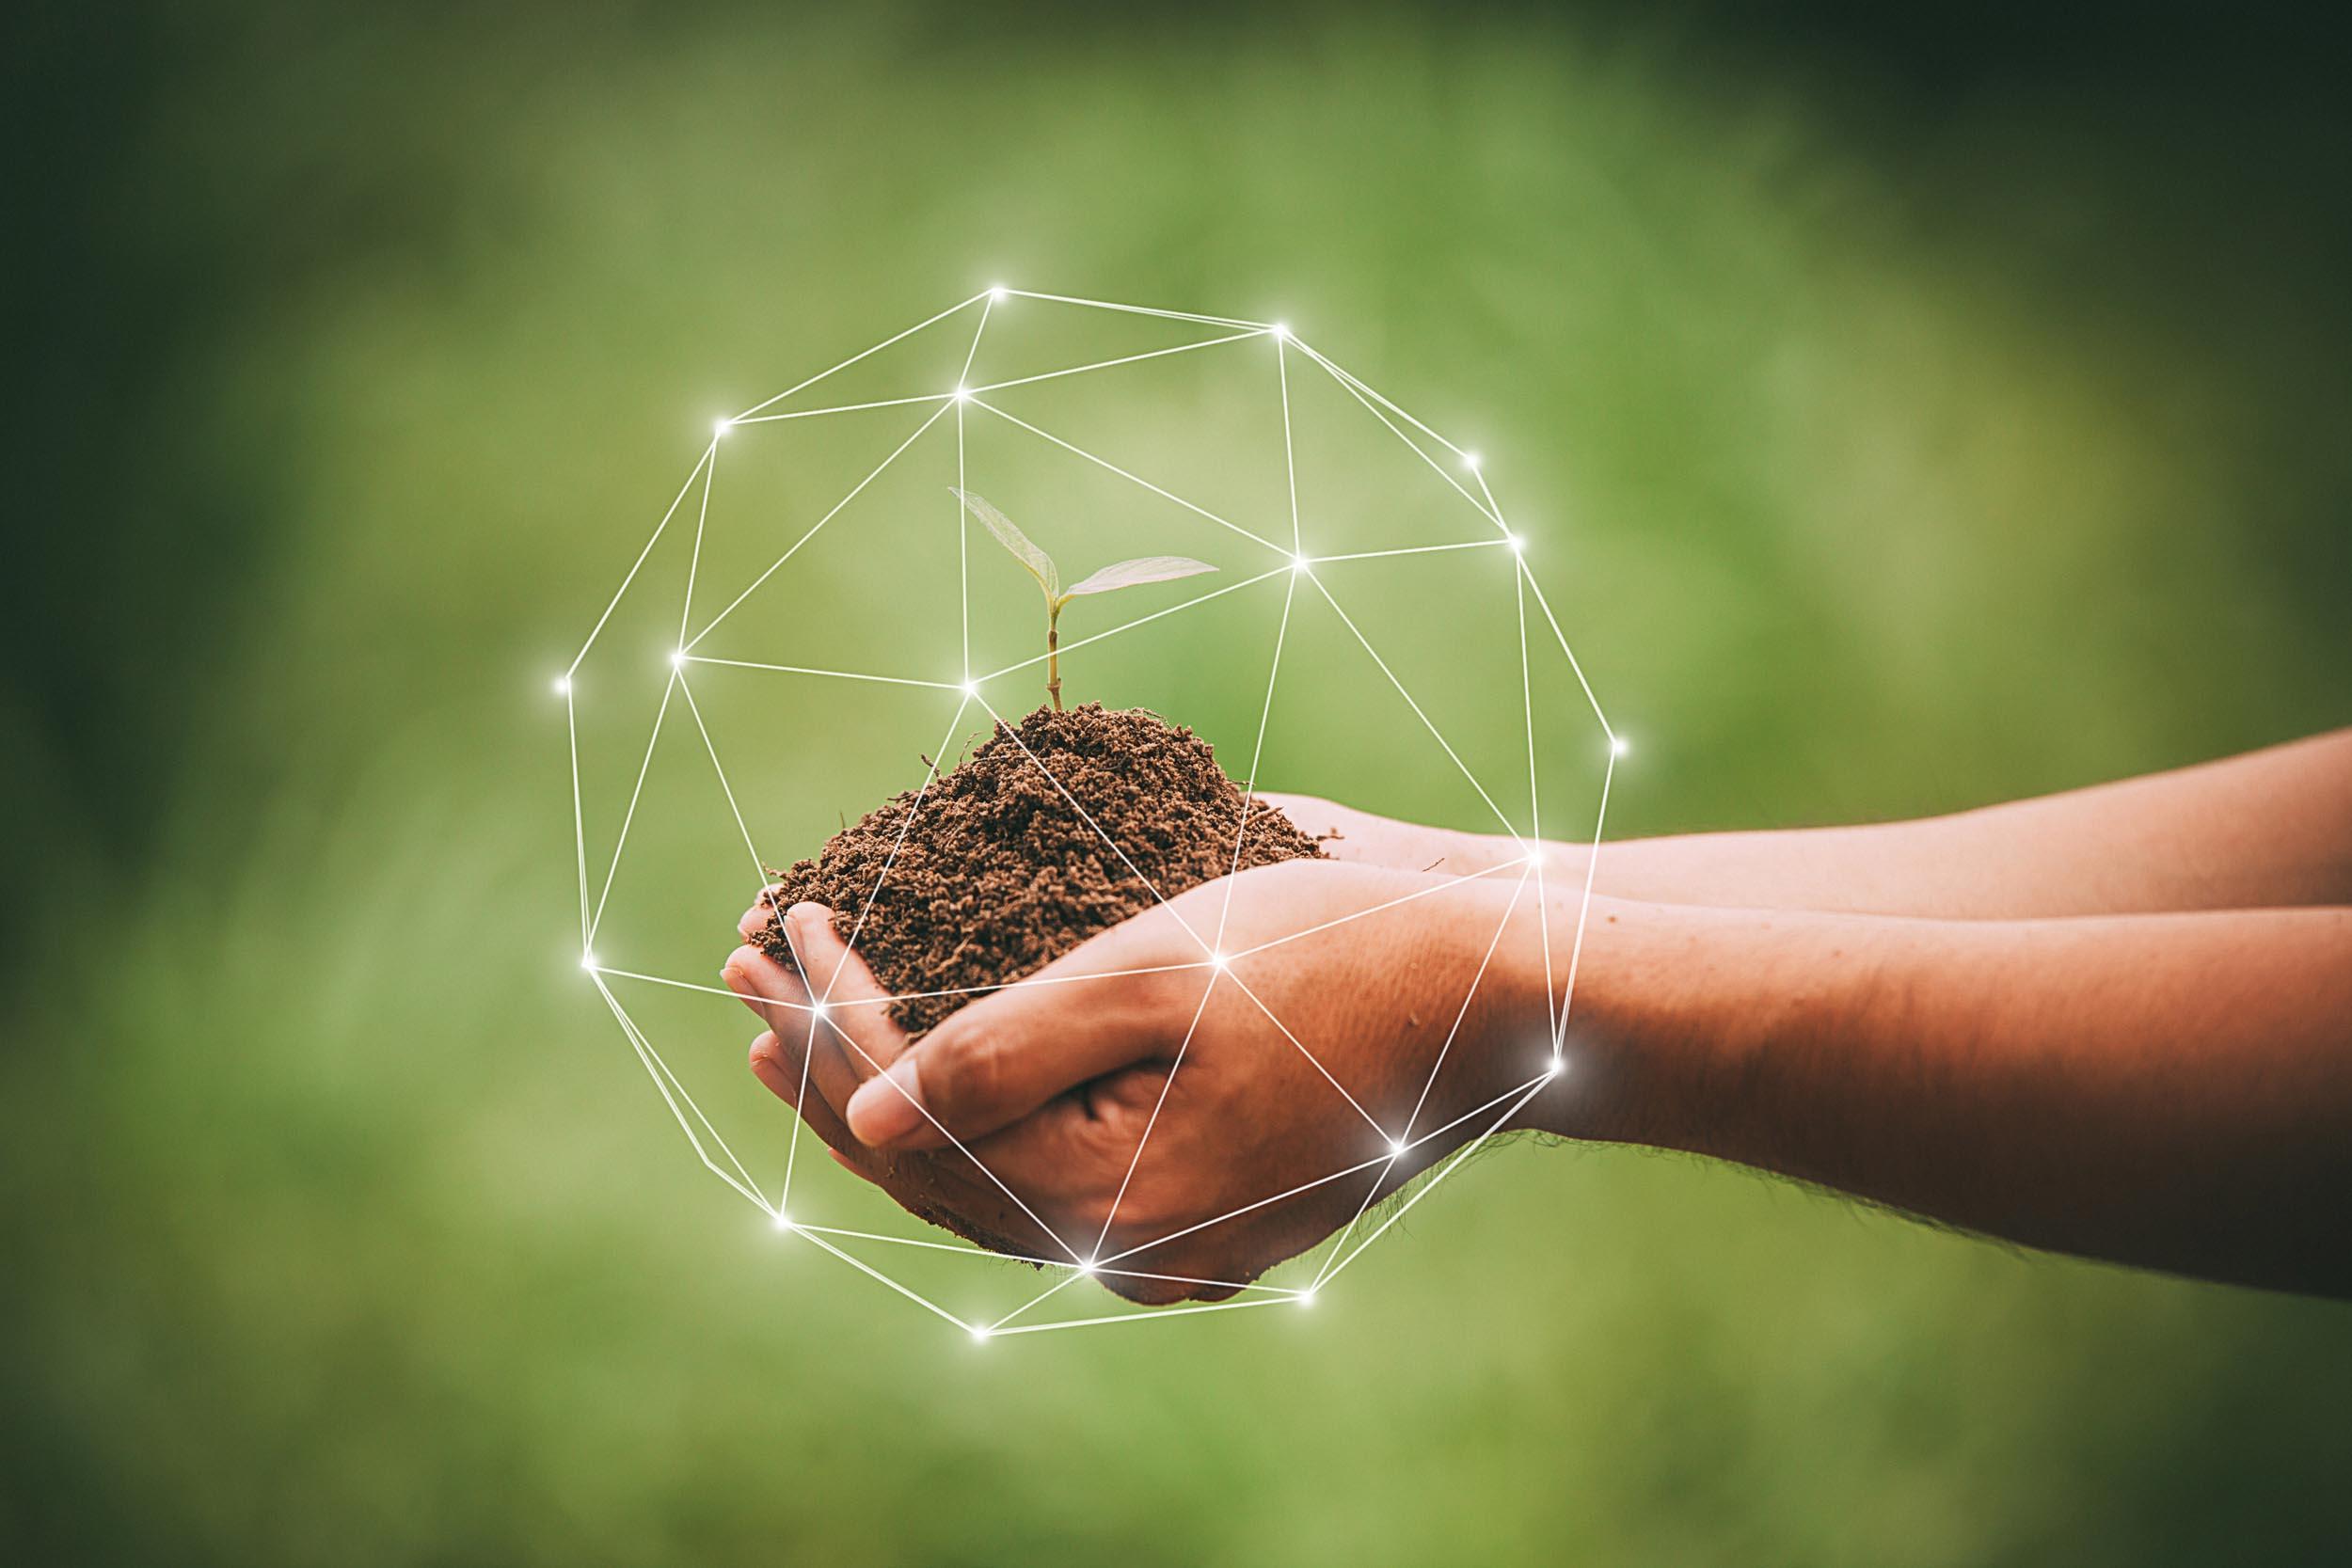 Diplomado UCM formará especialistas en educación ambiental